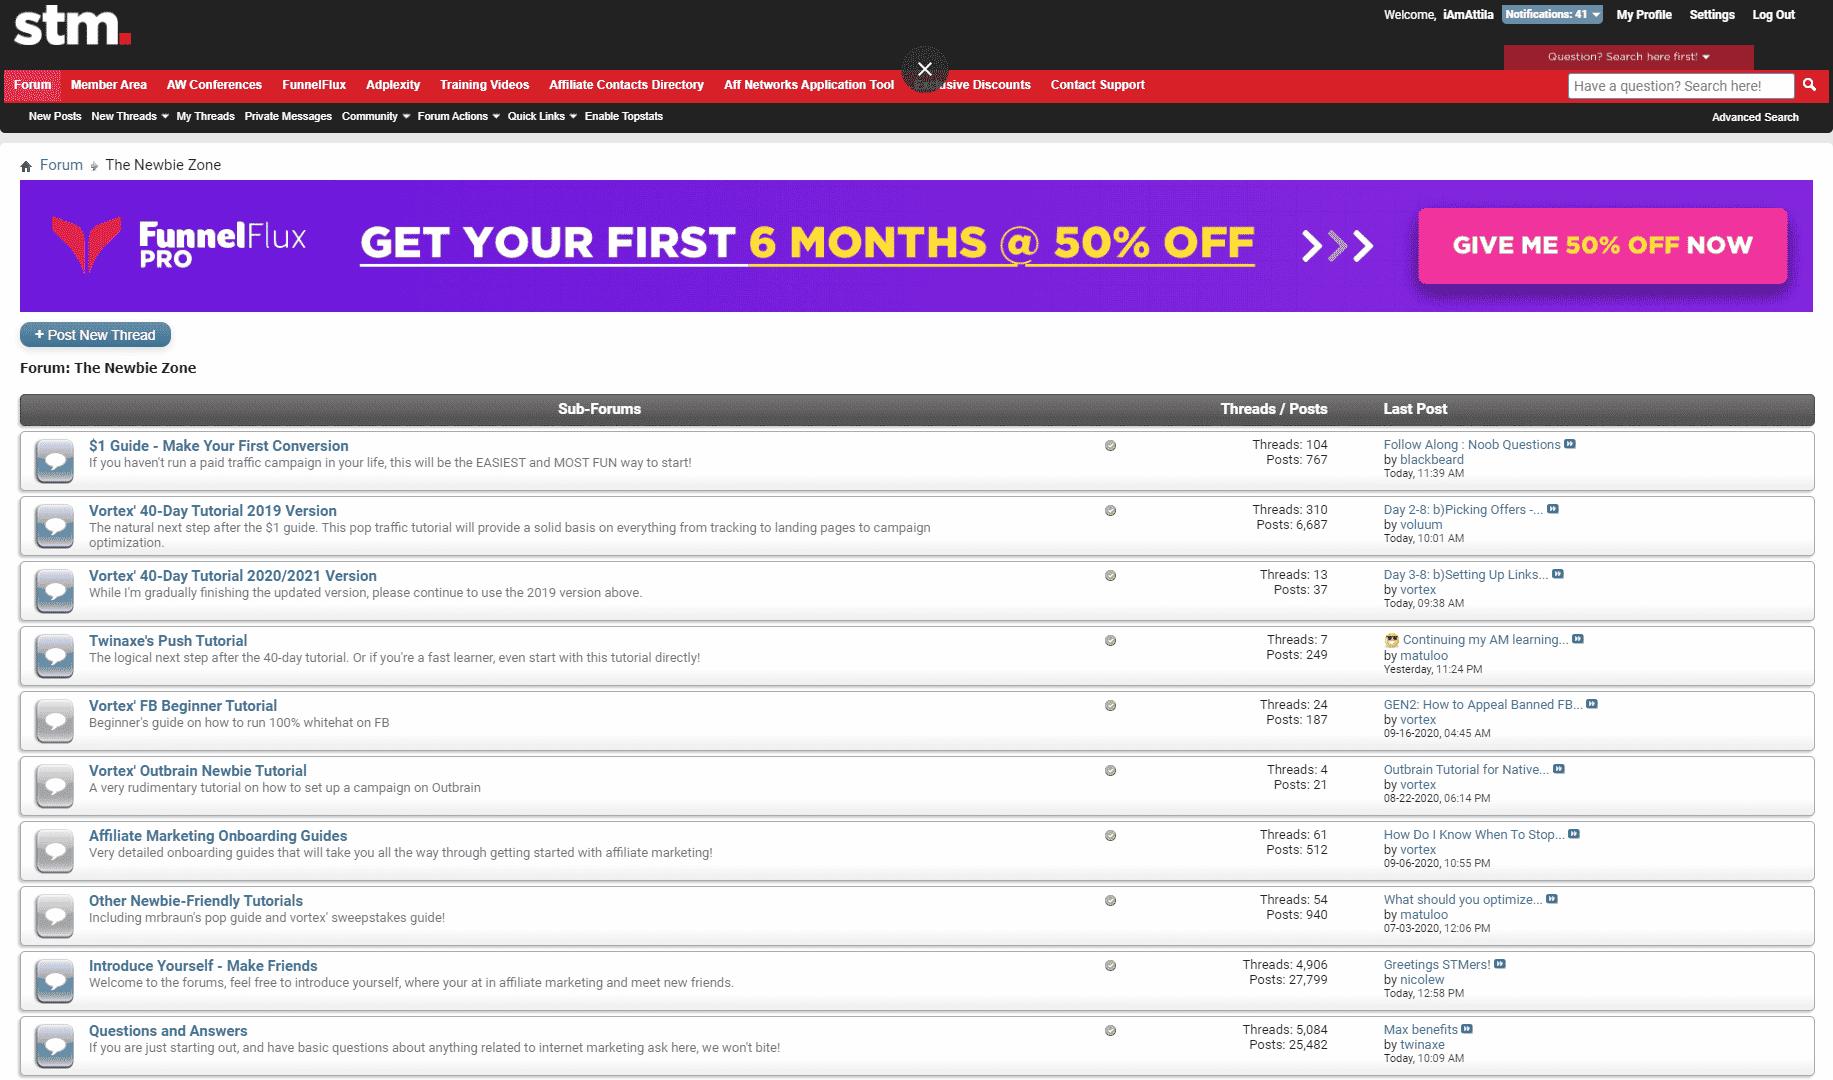 www.stmforum.com